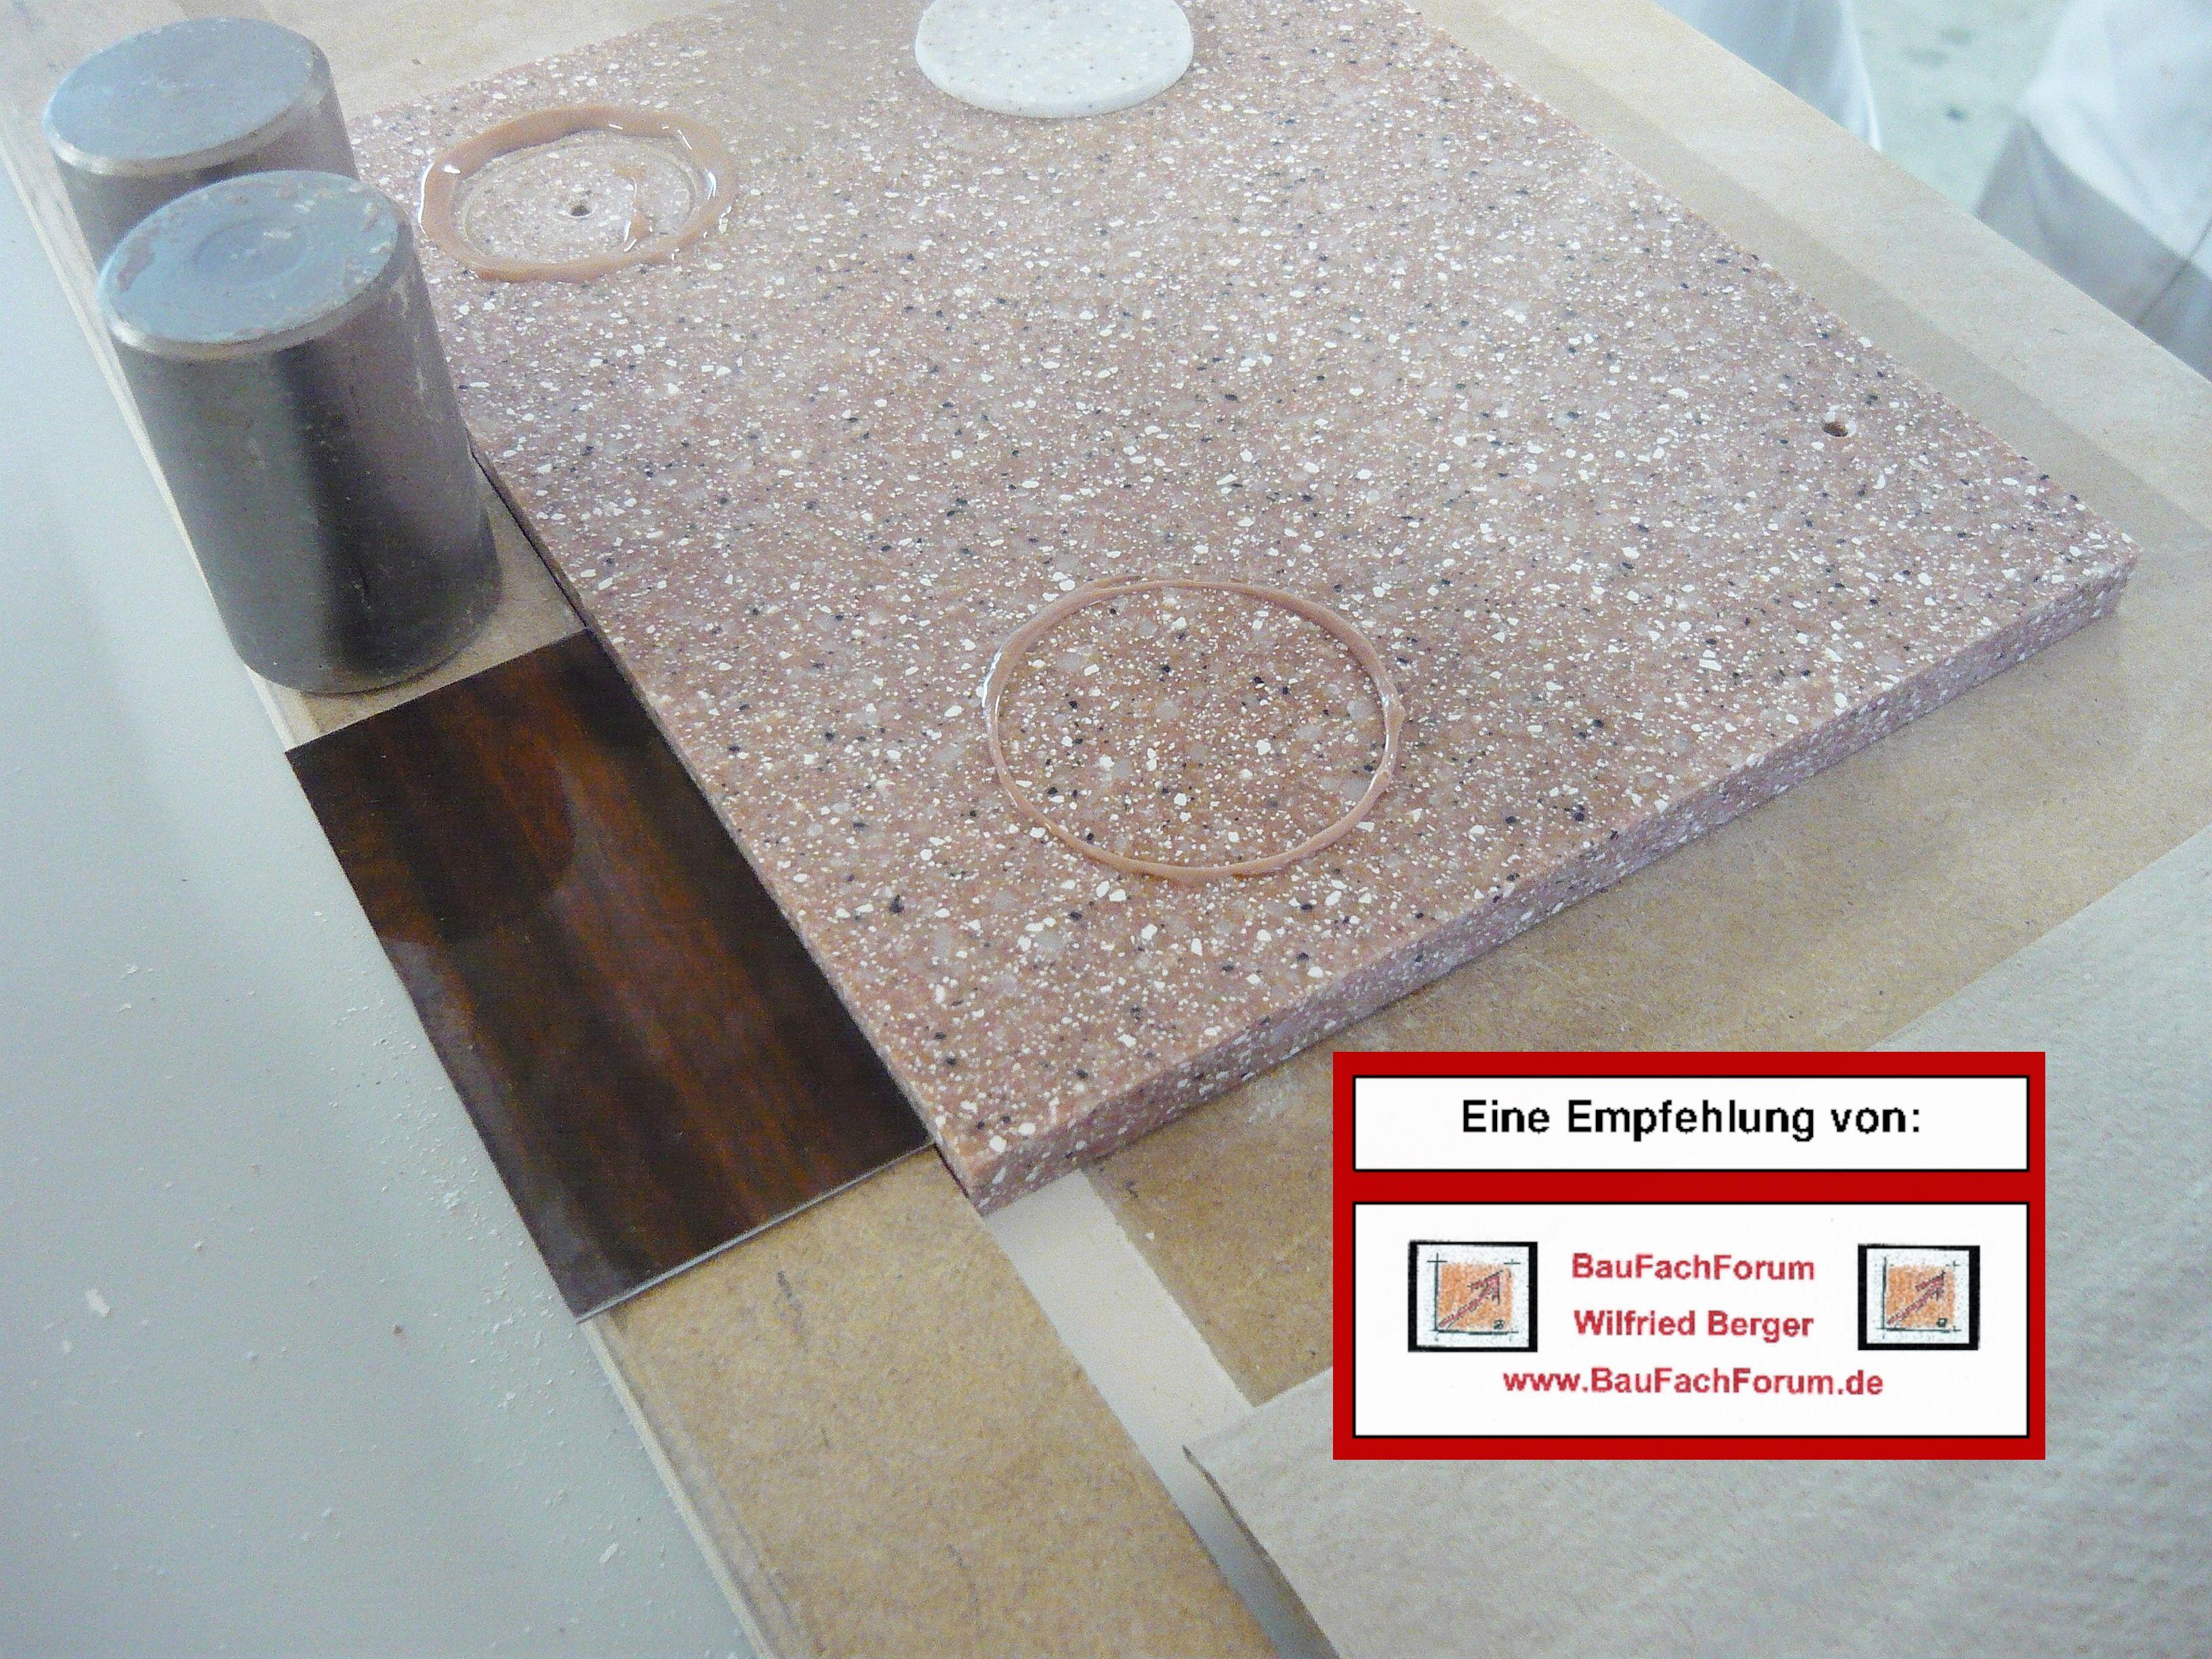 Baufachforum Schaden Sachverstandiger Wilfried Berger Verbindungsfugen Mineralsteinplatten Mineralwerkstoffe Getali Fenster Einbauen Reparatur Fortbildung